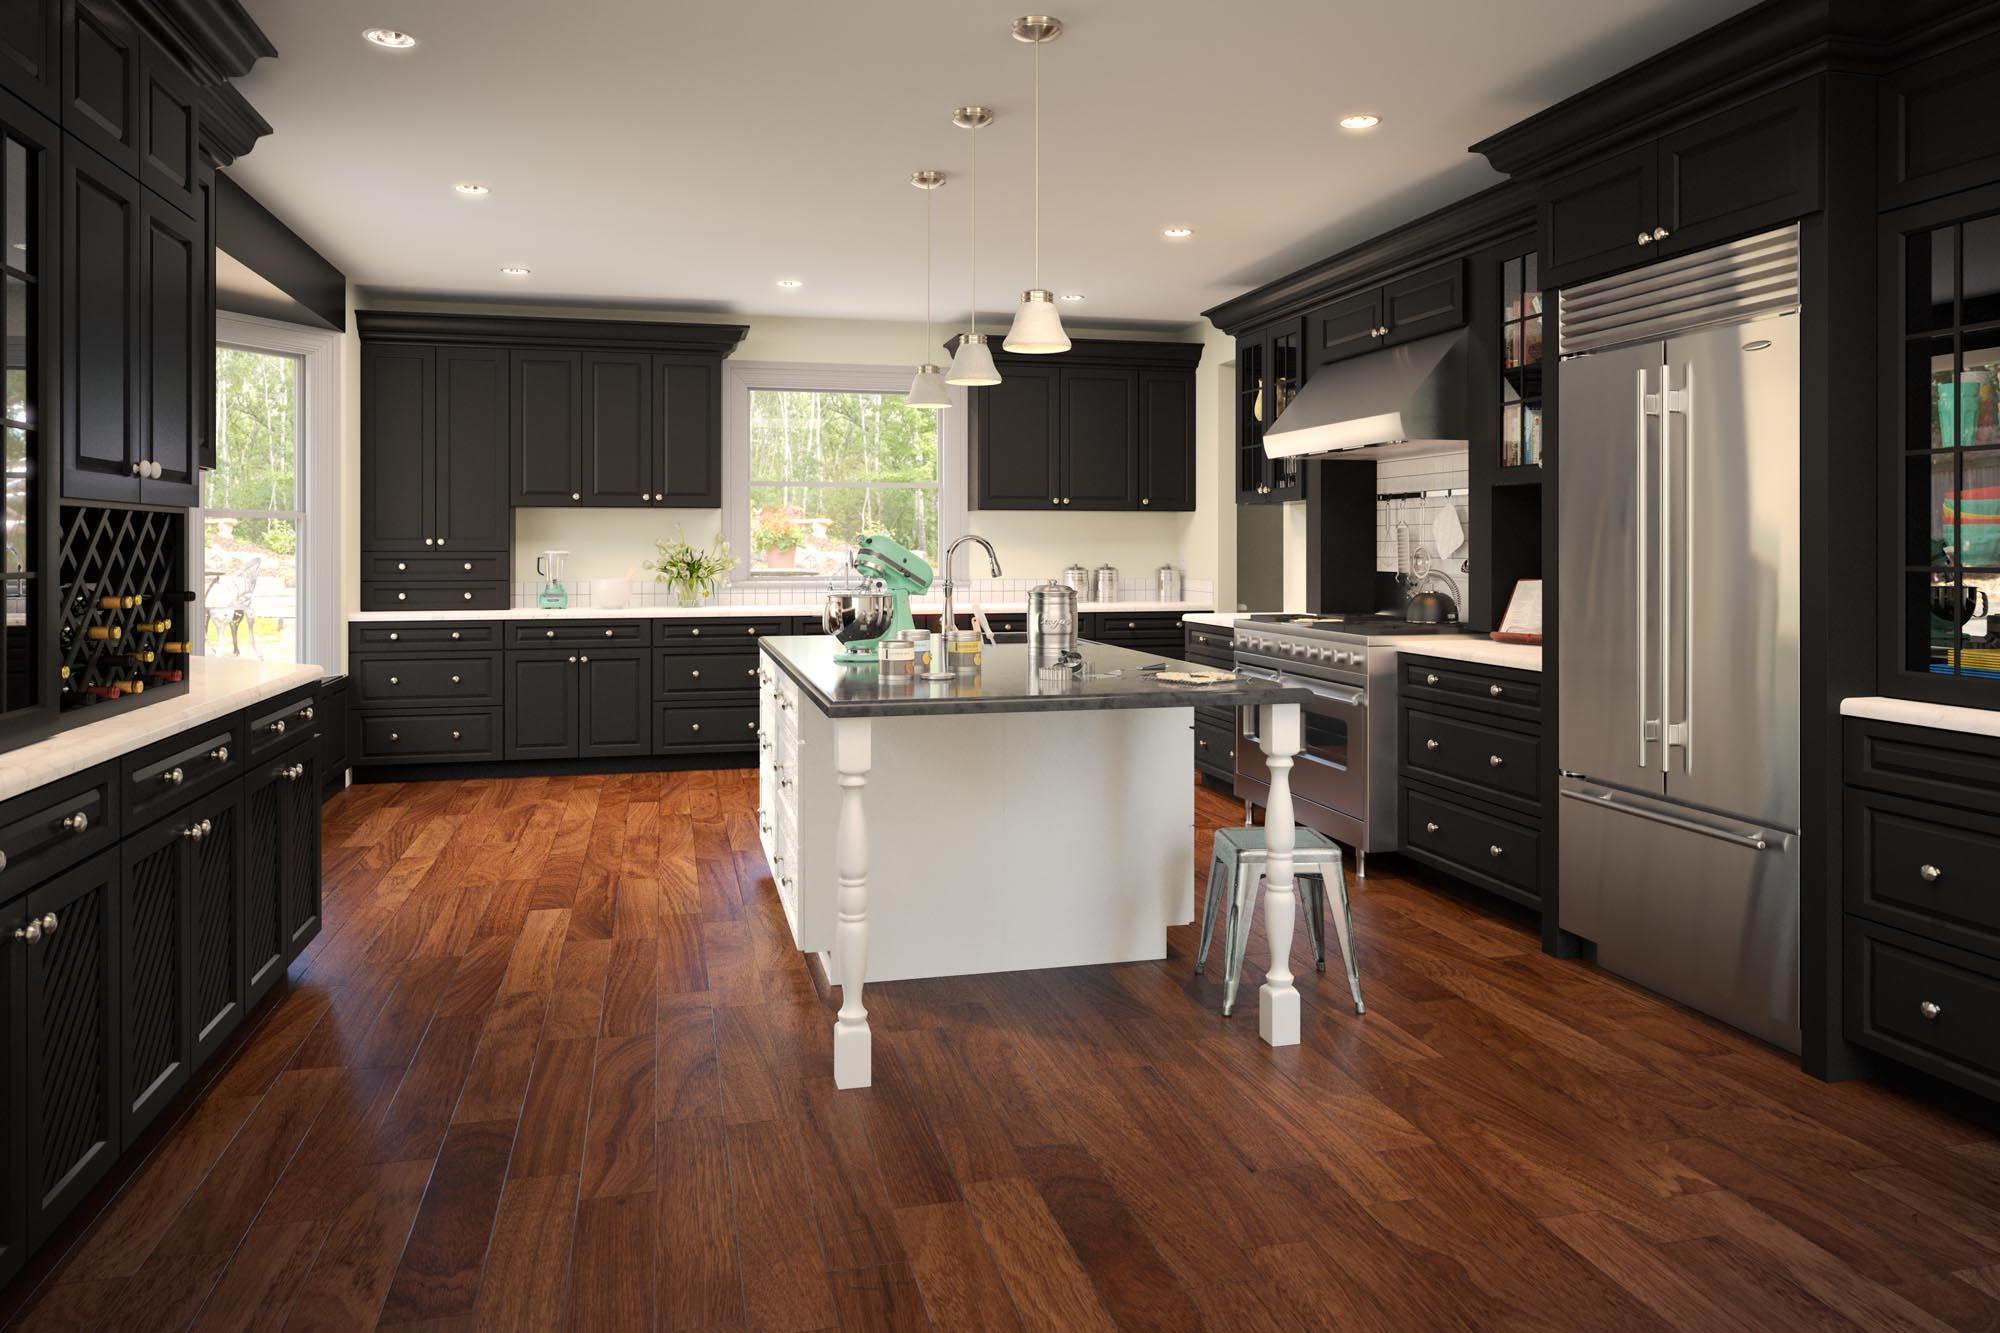 dark_kitchen_cabinets_wood_floor